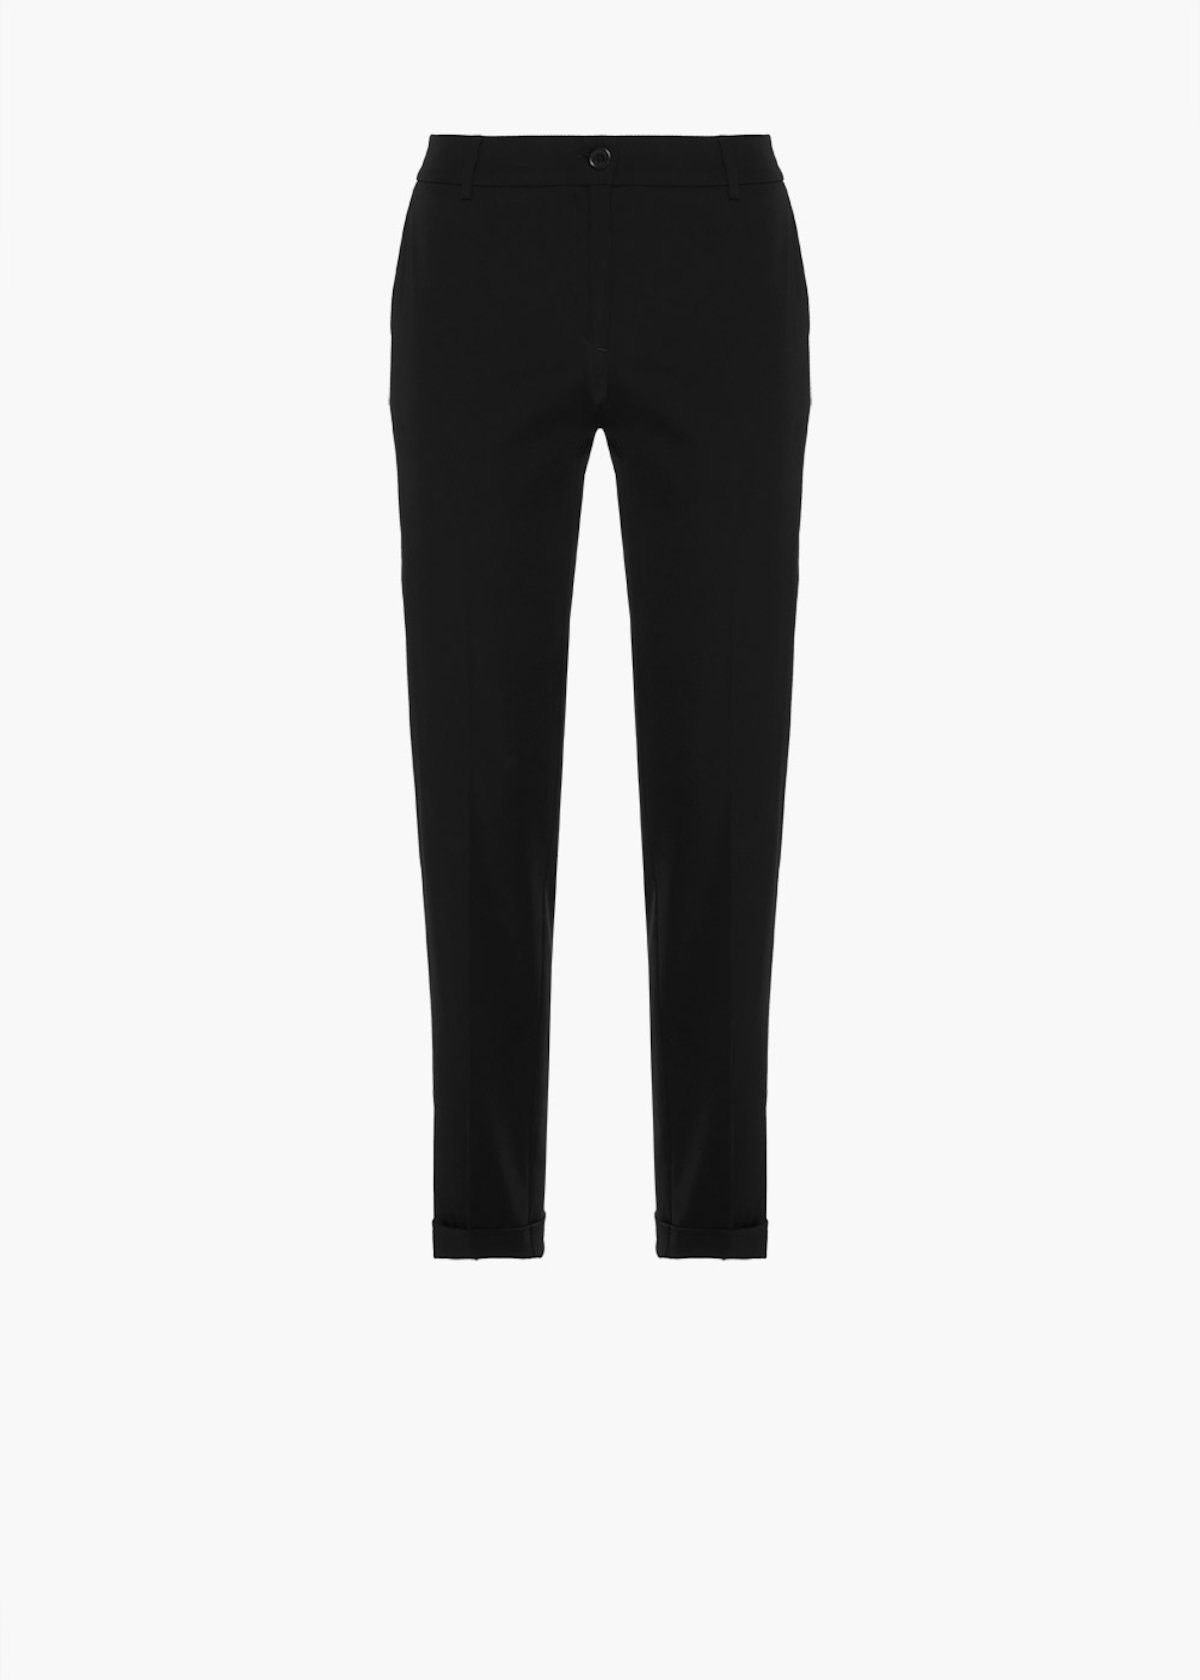 Pants Patrik Scarlett model - Black - Woman